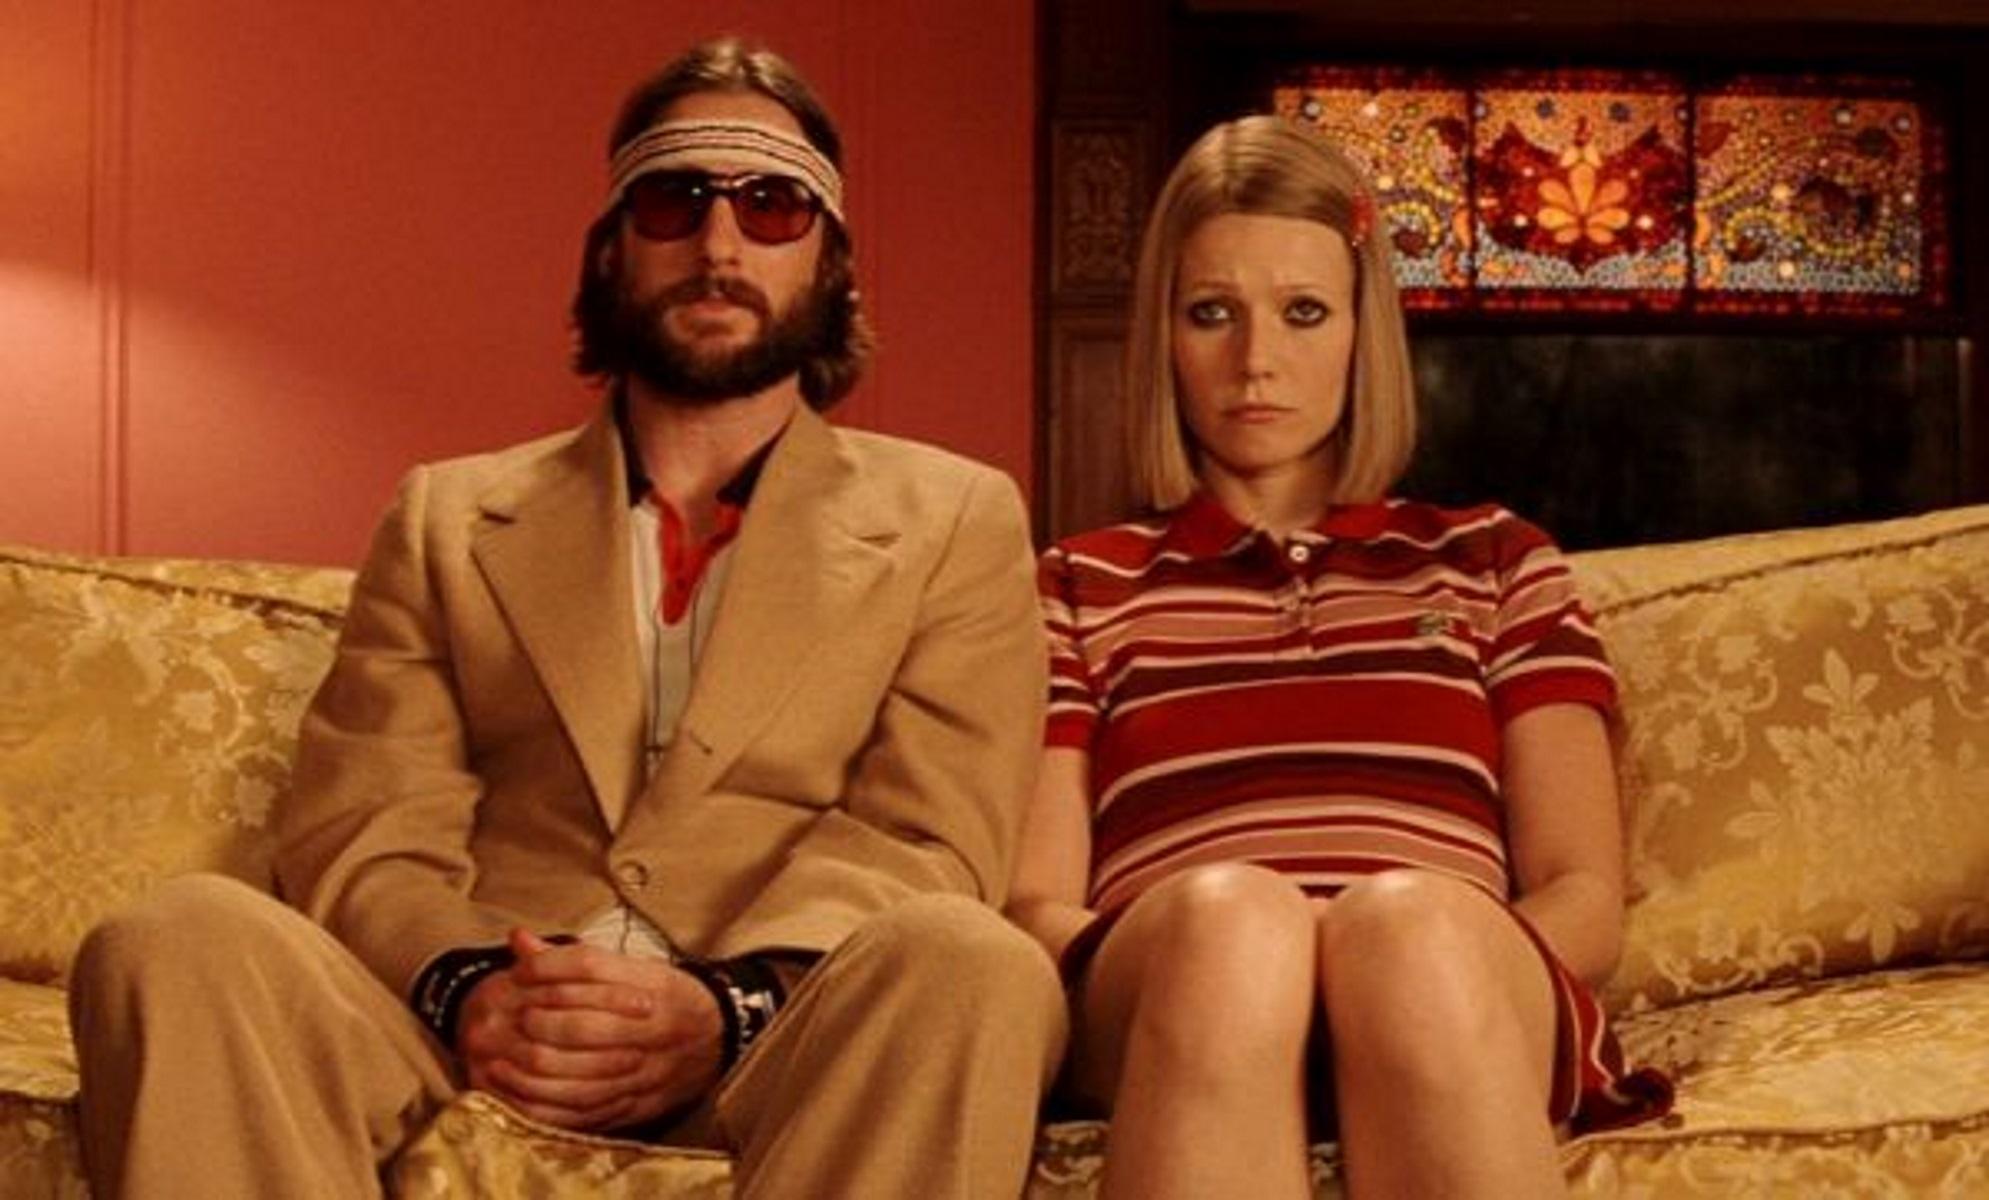 «Park Your Cinema»: Θερινό σινεμά στο Ξέφωτο του ΚΠΙΣΝ